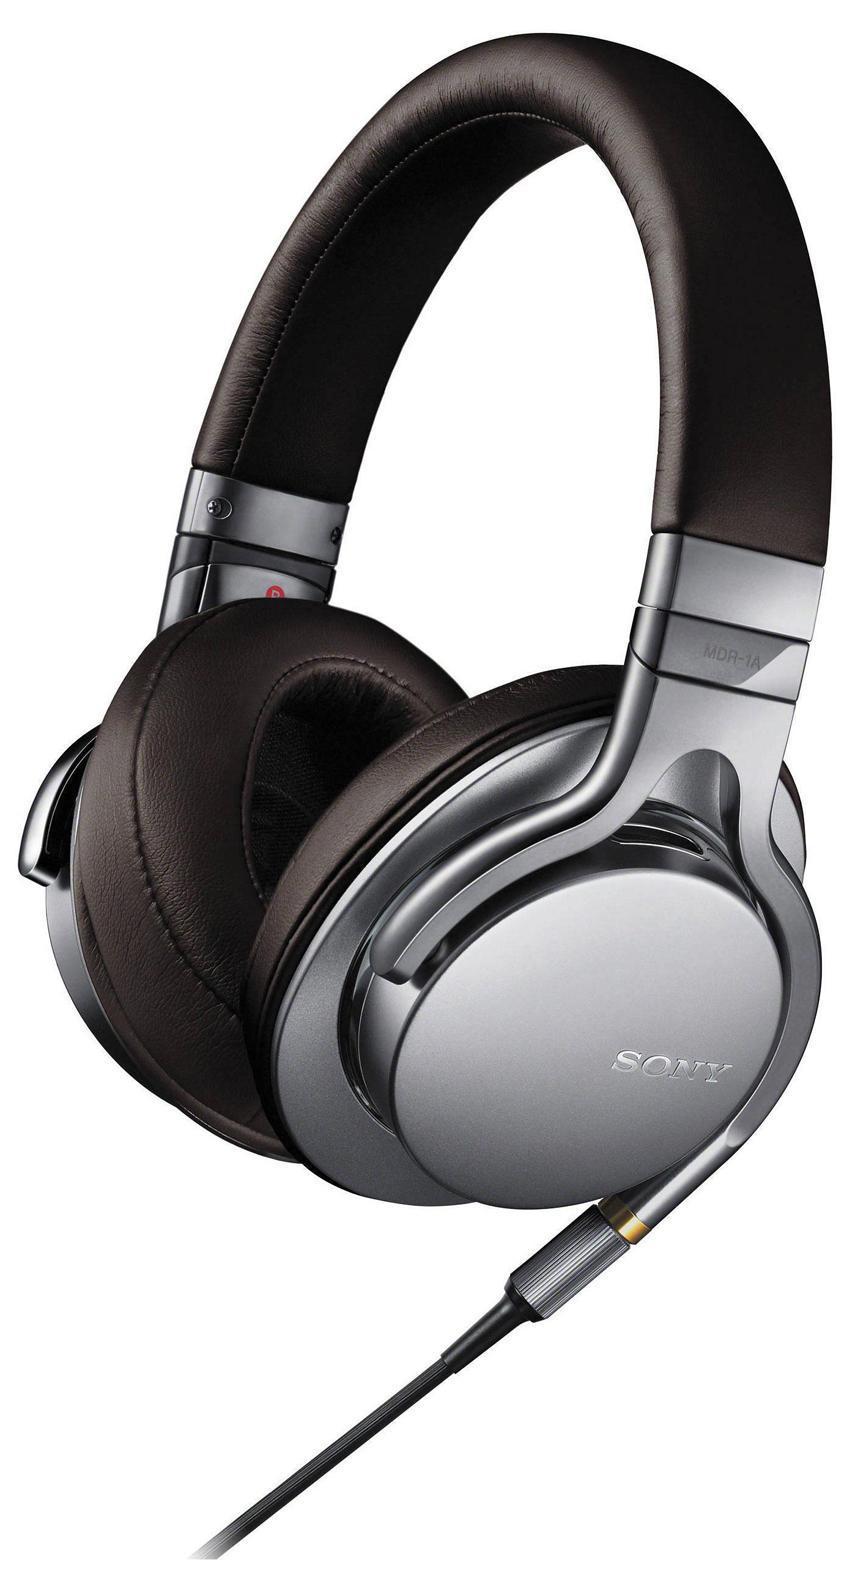 Sony MDR-1A, Silver наушникиMDR1AS.EУслышьте музыку такой, какой она была создана, благодаря форматам аудио высокой четкости Пусть ваша музыкальная коллекция зазвучит по-новому с поддержкой форматов аудио высокой четкости. За счет преобразования аналогового сигнала в цифровой с более высоким битрейтом по сравнению с компакт-дисками, (24 бит/192 кГц, вместо традиционных 16 бит/44,1 кГц) форматы аудио высокого разрешения позволяют максимально приблизить звучание записи к оригинальному студийному звуку. Оригинальное звучание благодаря динамическим головкам HD Мощные динамики HD диаметром 40 мм с большими вентиляционными отверстиями воспроизводят пульсирующий, энергичный бас даже в самых сложных музыкальных записях. Легкая и прочная диафрагма из ЖК-полимерной пленки с алюминиевым напылением характеризуется очень коротким временем отклика, что обеспечивает насыщенность и естественность вокальных партий и частот среднего диапазона. Сделайте громче и слушайте музыку в максимальной детализации на всем диапазоне